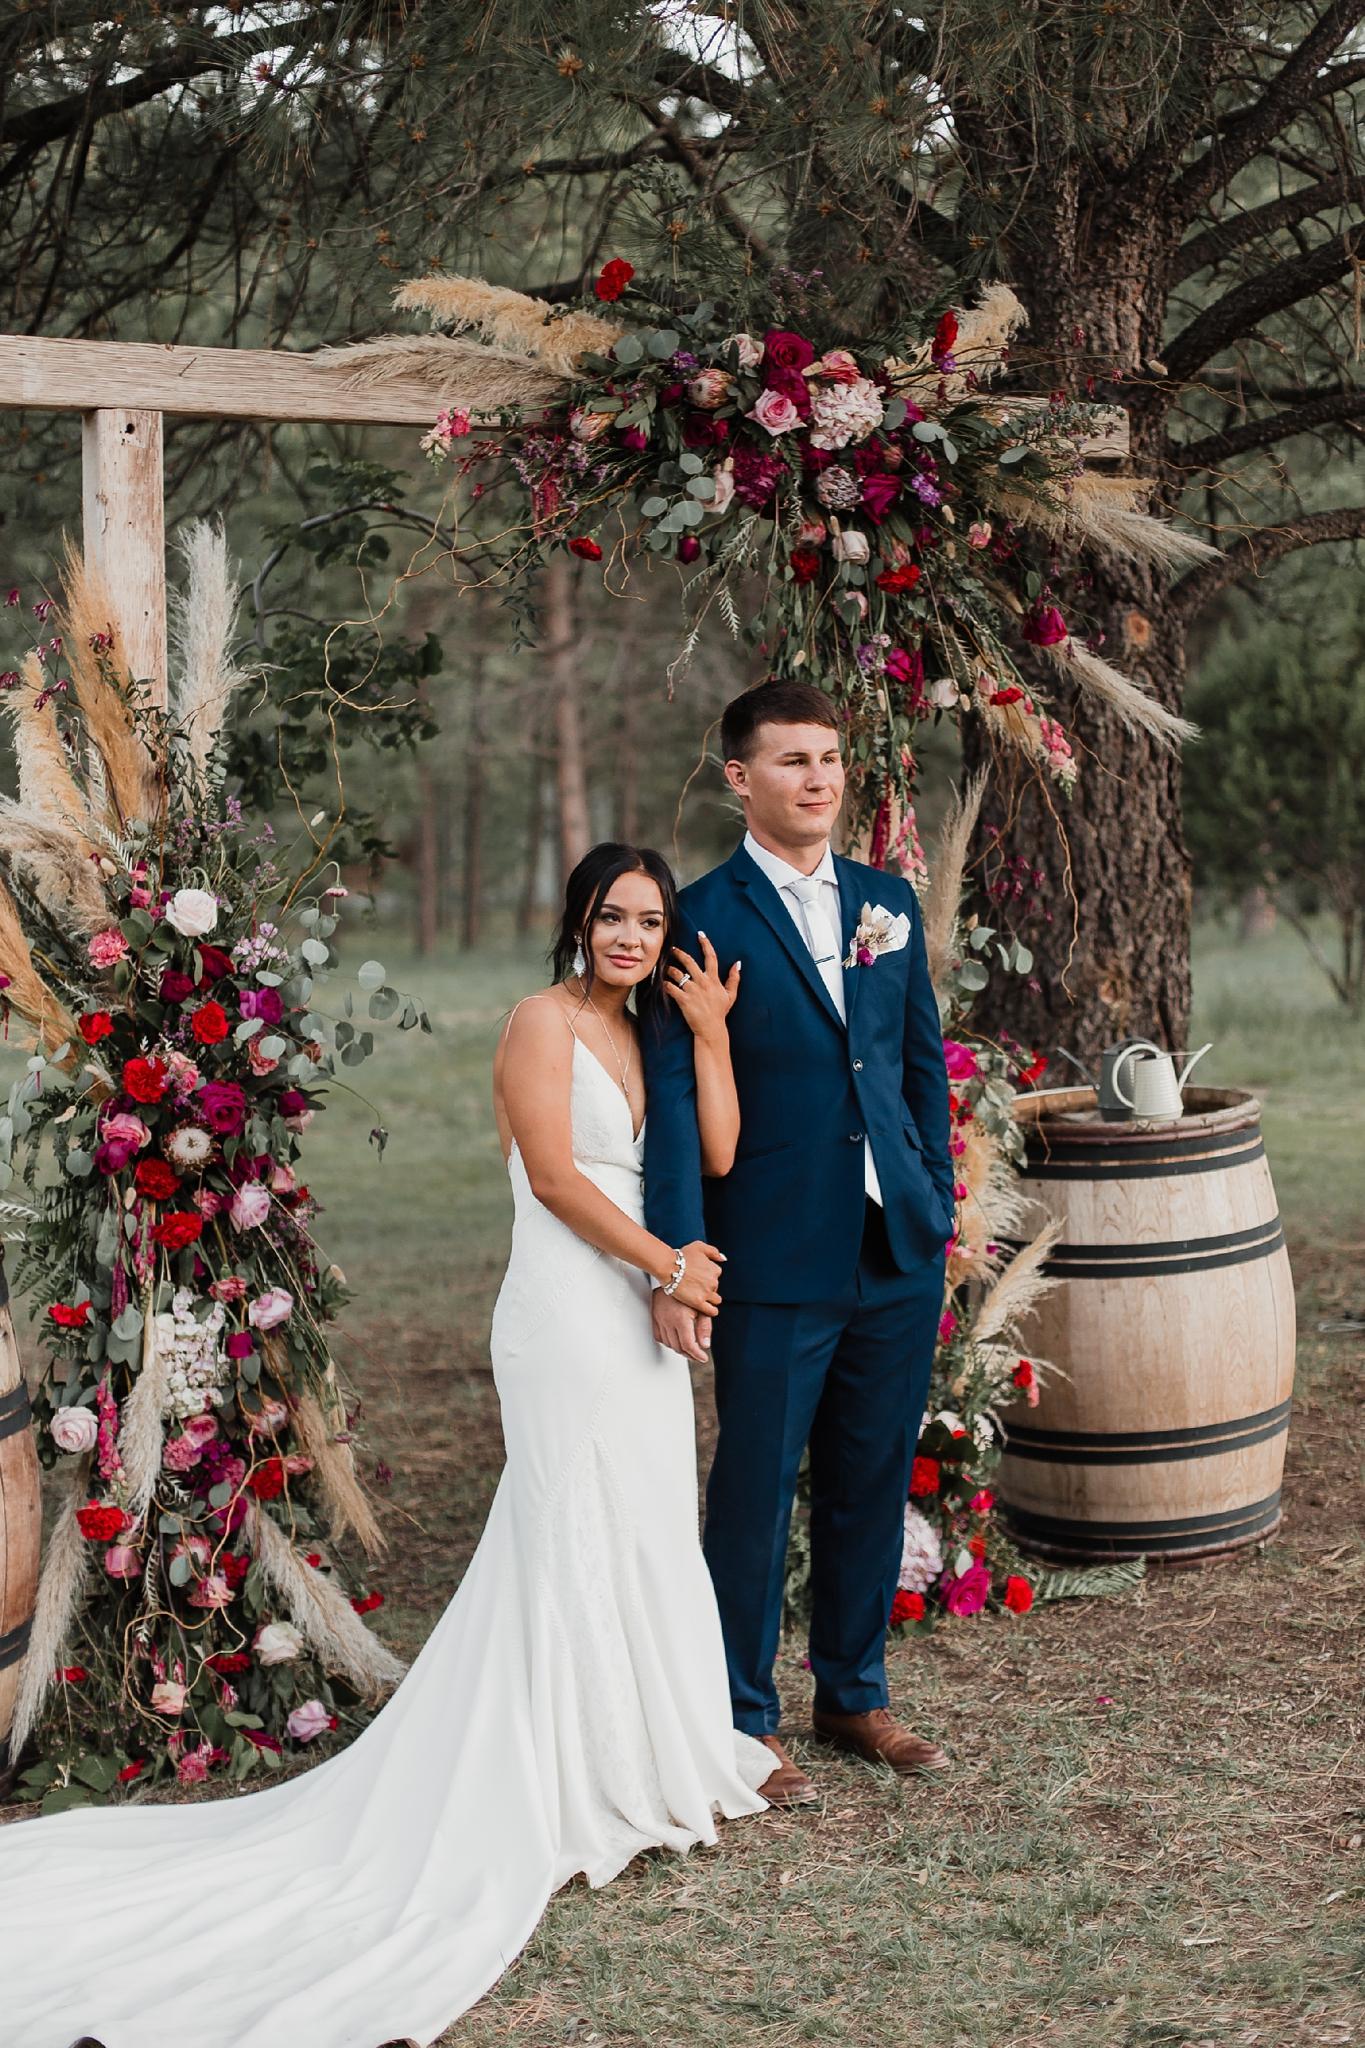 Alicia+lucia+photography+-+albuquerque+wedding+photographer+-+santa+fe+wedding+photography+-+new+mexico+wedding+photographer+-+new+mexico+wedding+-+new+mexico+wedding+-+barn+wedding+-+enchanted+vine+barn+wedding+-+ruidoso+wedding_0142.jpg